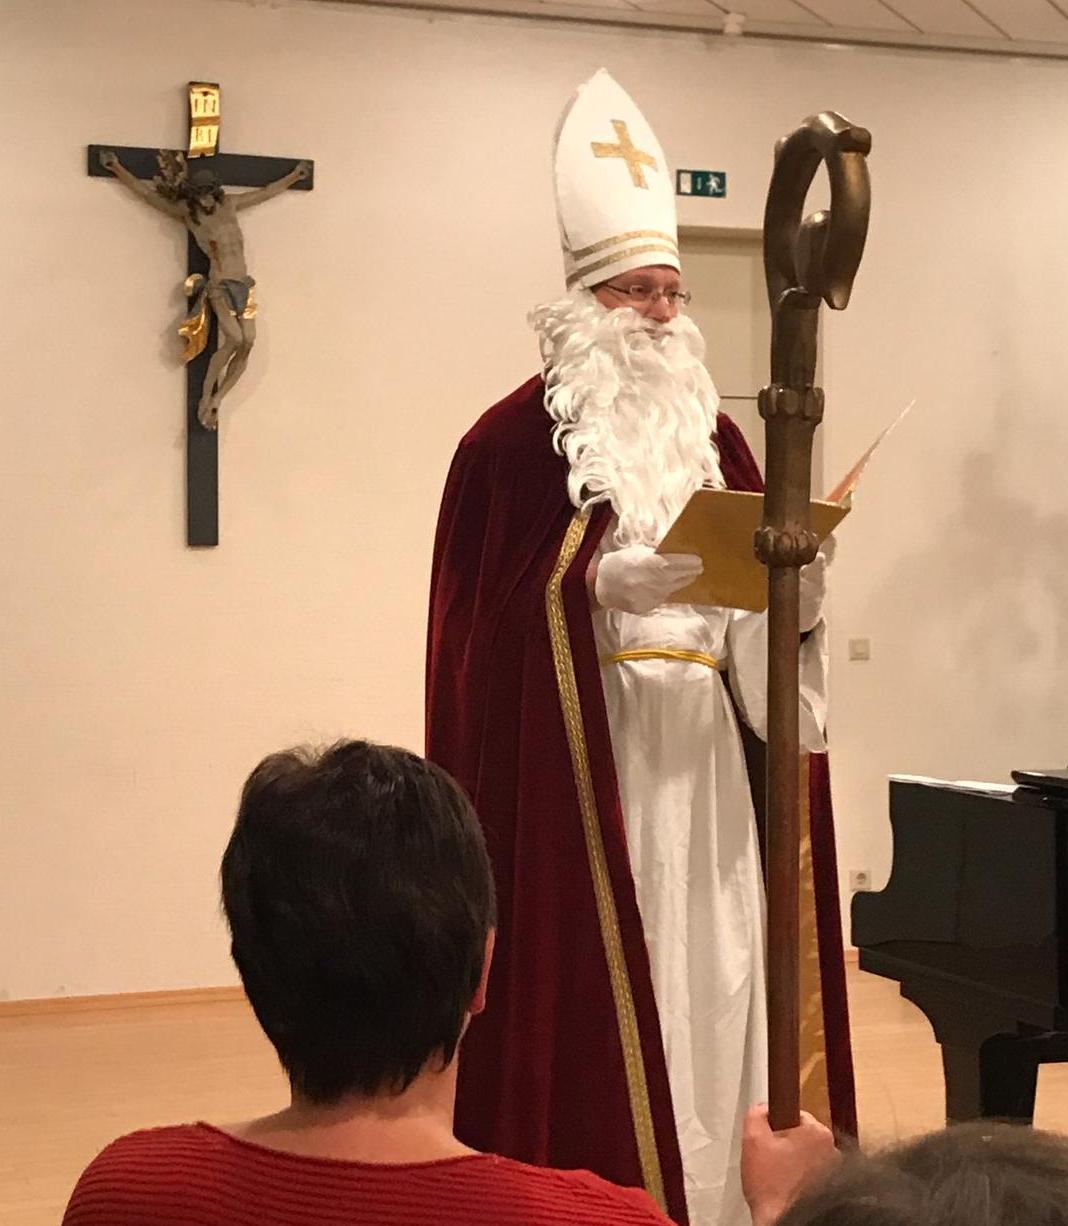 image from Nikolaus und Weihnachten 2019